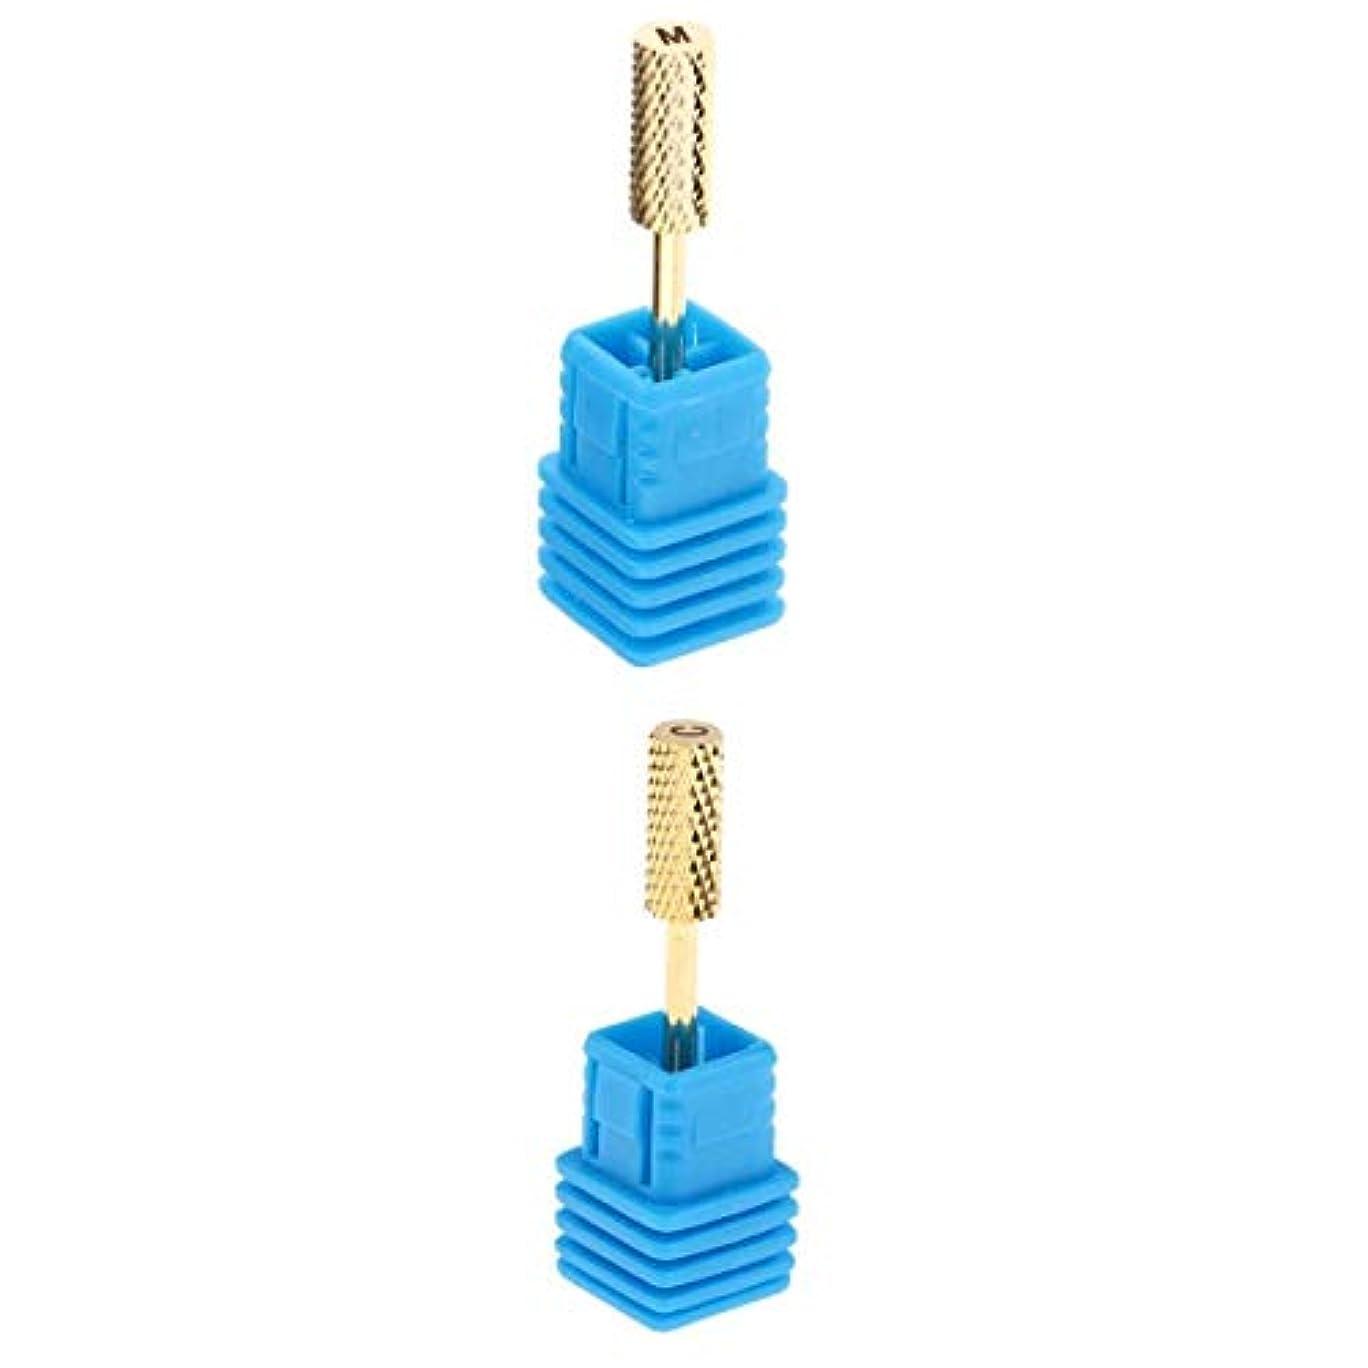 渦署名メニューT TOOYFUL マニキュア研削ヘッド ネイル道具 アクリルネイル用ツール ネイルケア ネイルサロン用 2個セット